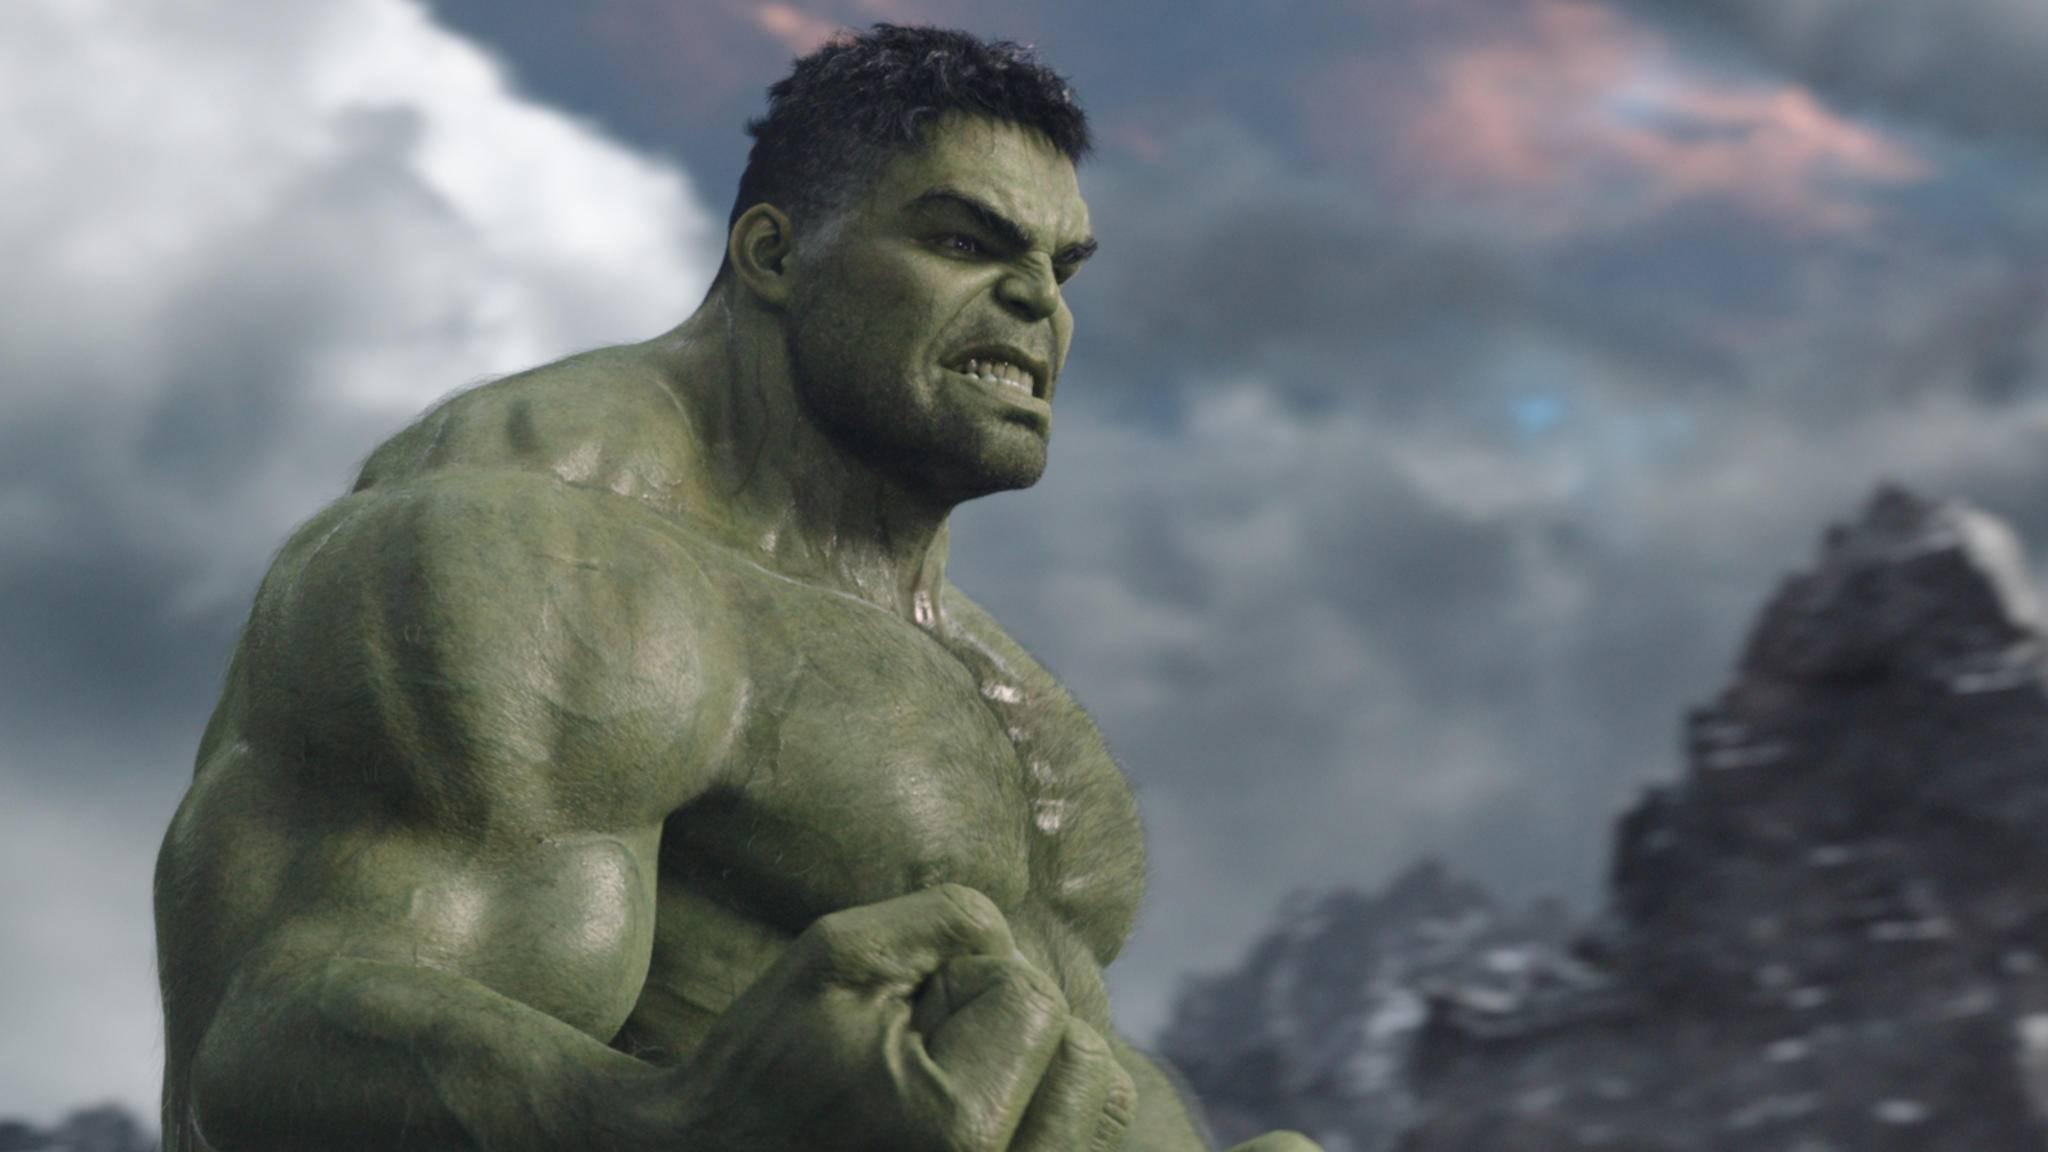 Der Hulk wird in den kommenden Marvel-Filmen eine größere Rolle einnehmen, als bislang gedacht.